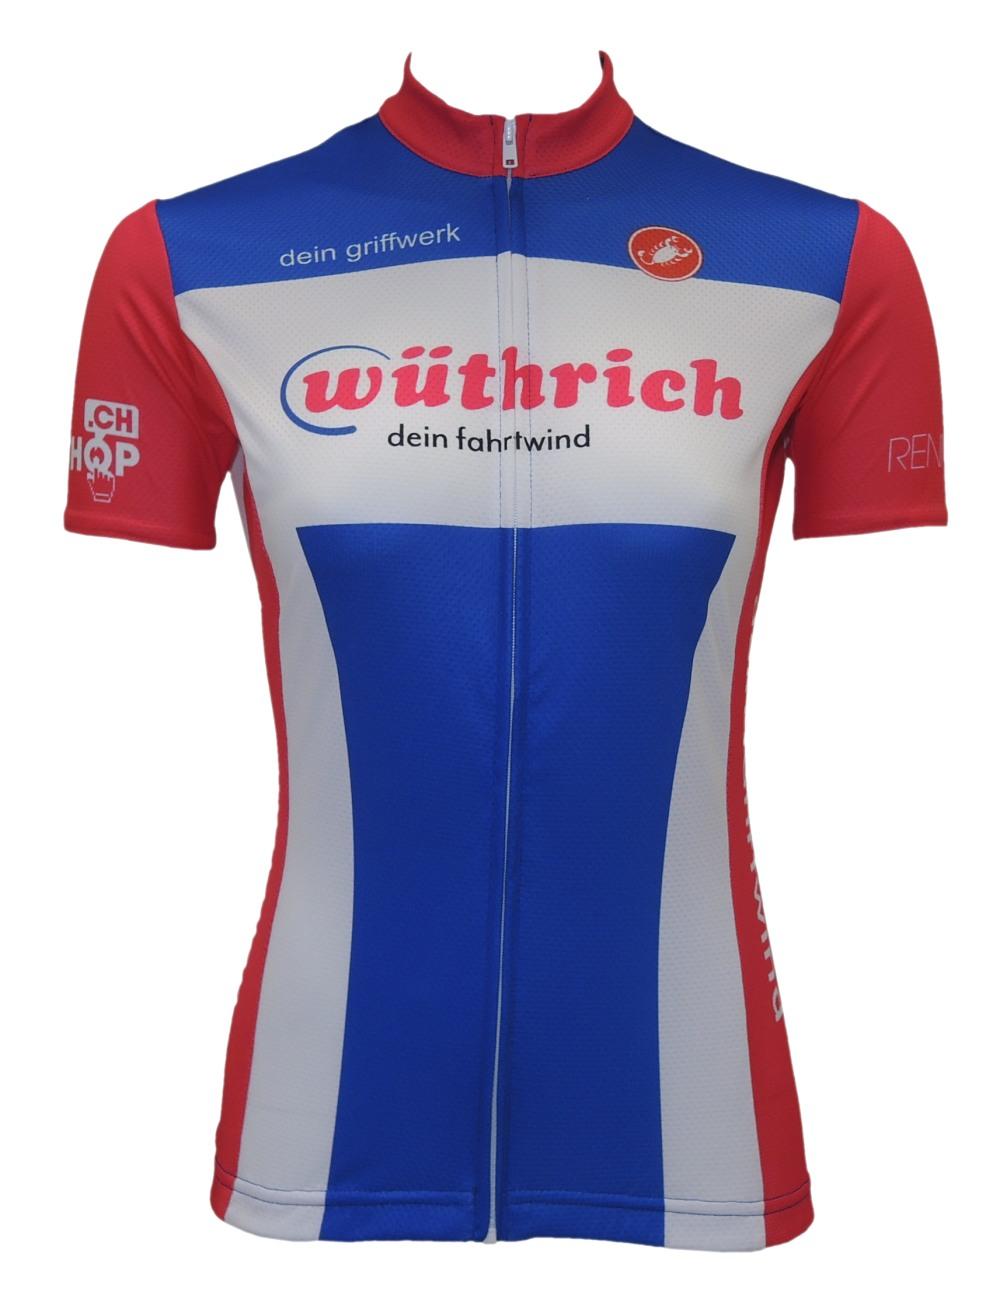 Castelli Team Trikot Damen GSWüthrich 2019